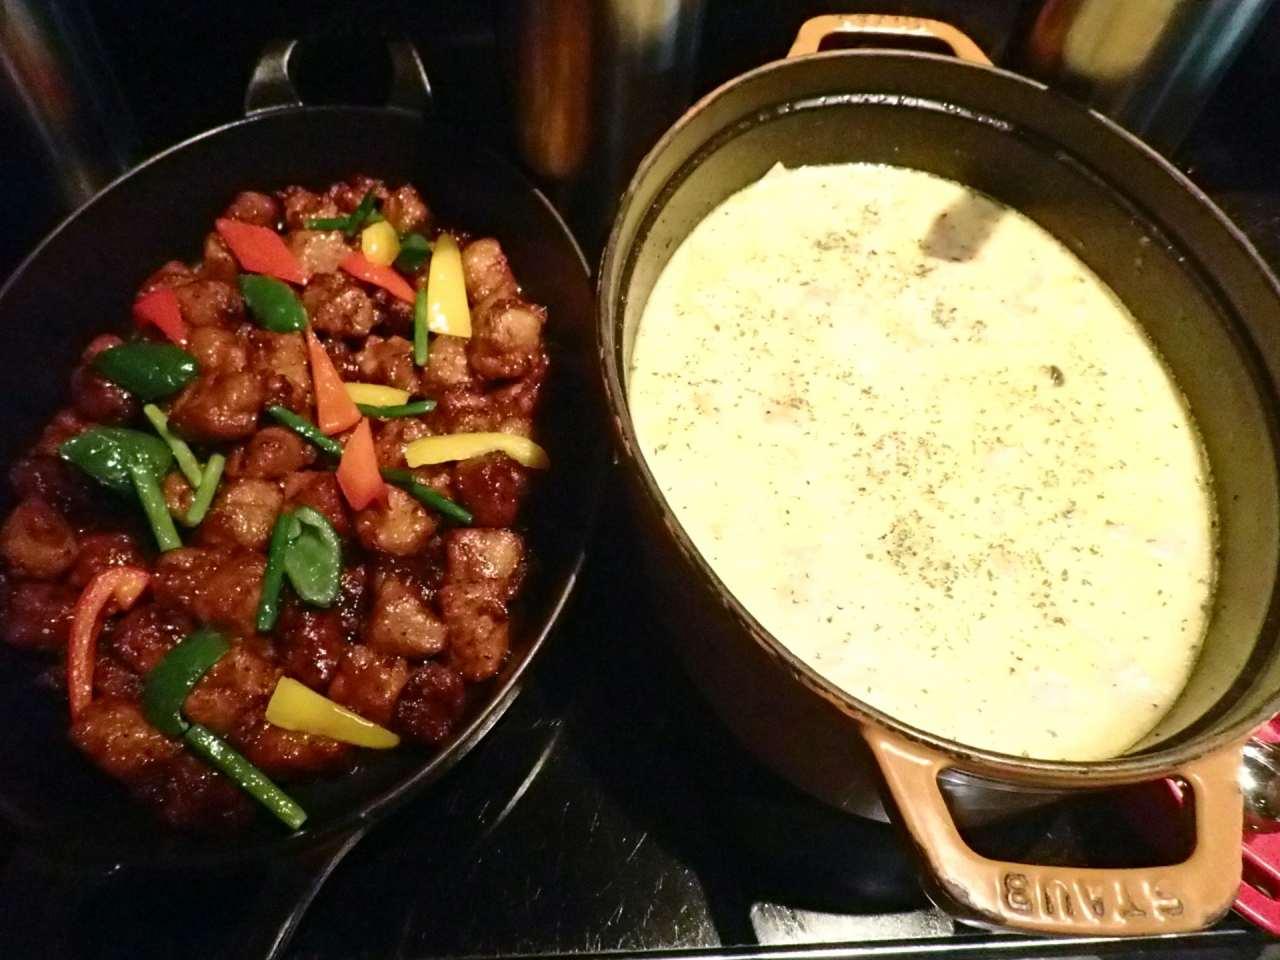 ポークフリットバルサミコ風、チキンと茸のフリット